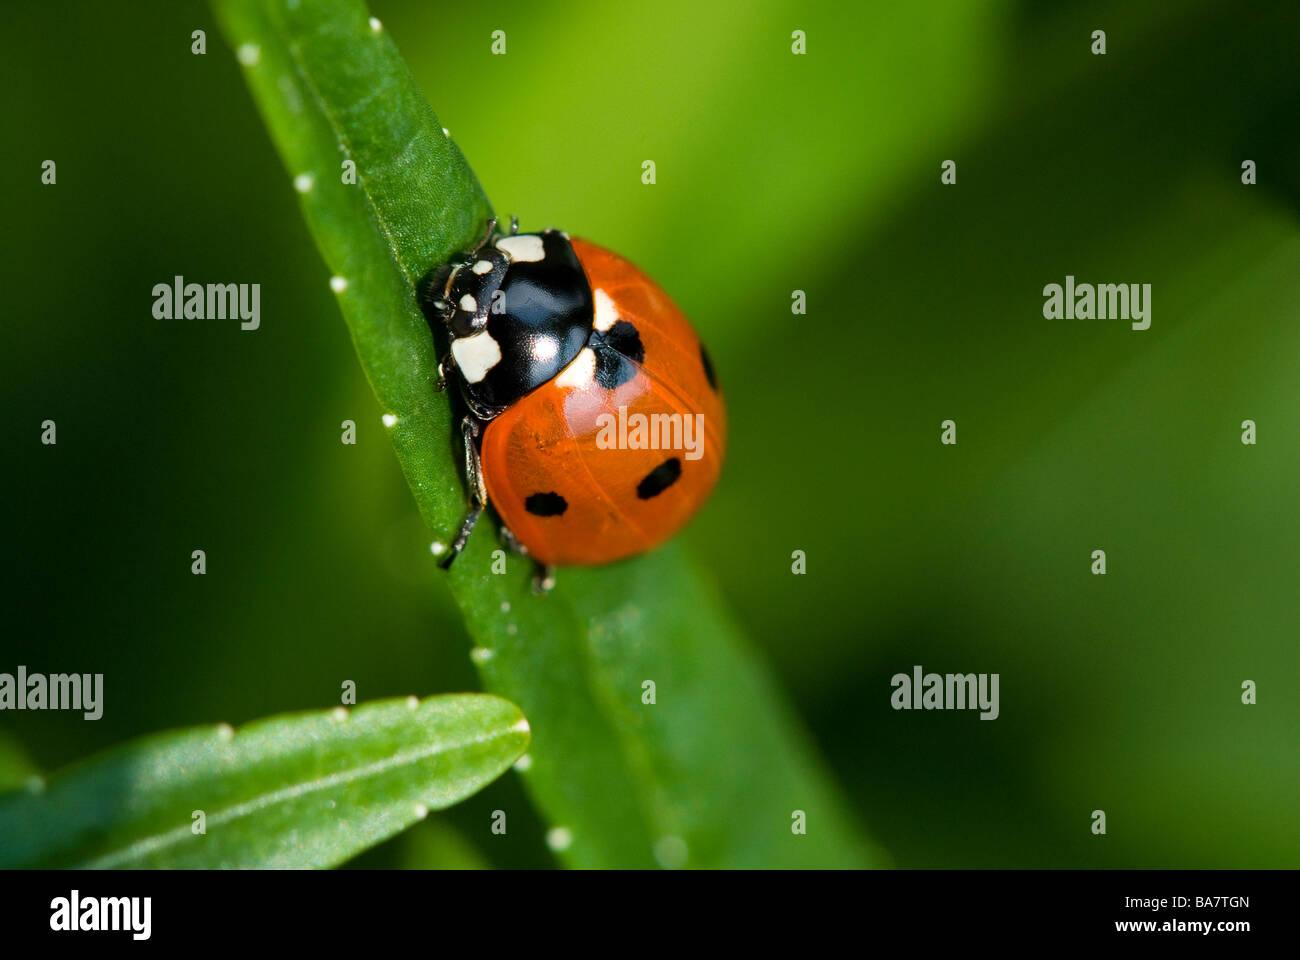 Marienkäfer in der Nähe auf einem Campanula Blatt. Detaillierte Makroaufnahme. Marienkäfer auf einem Stockbild